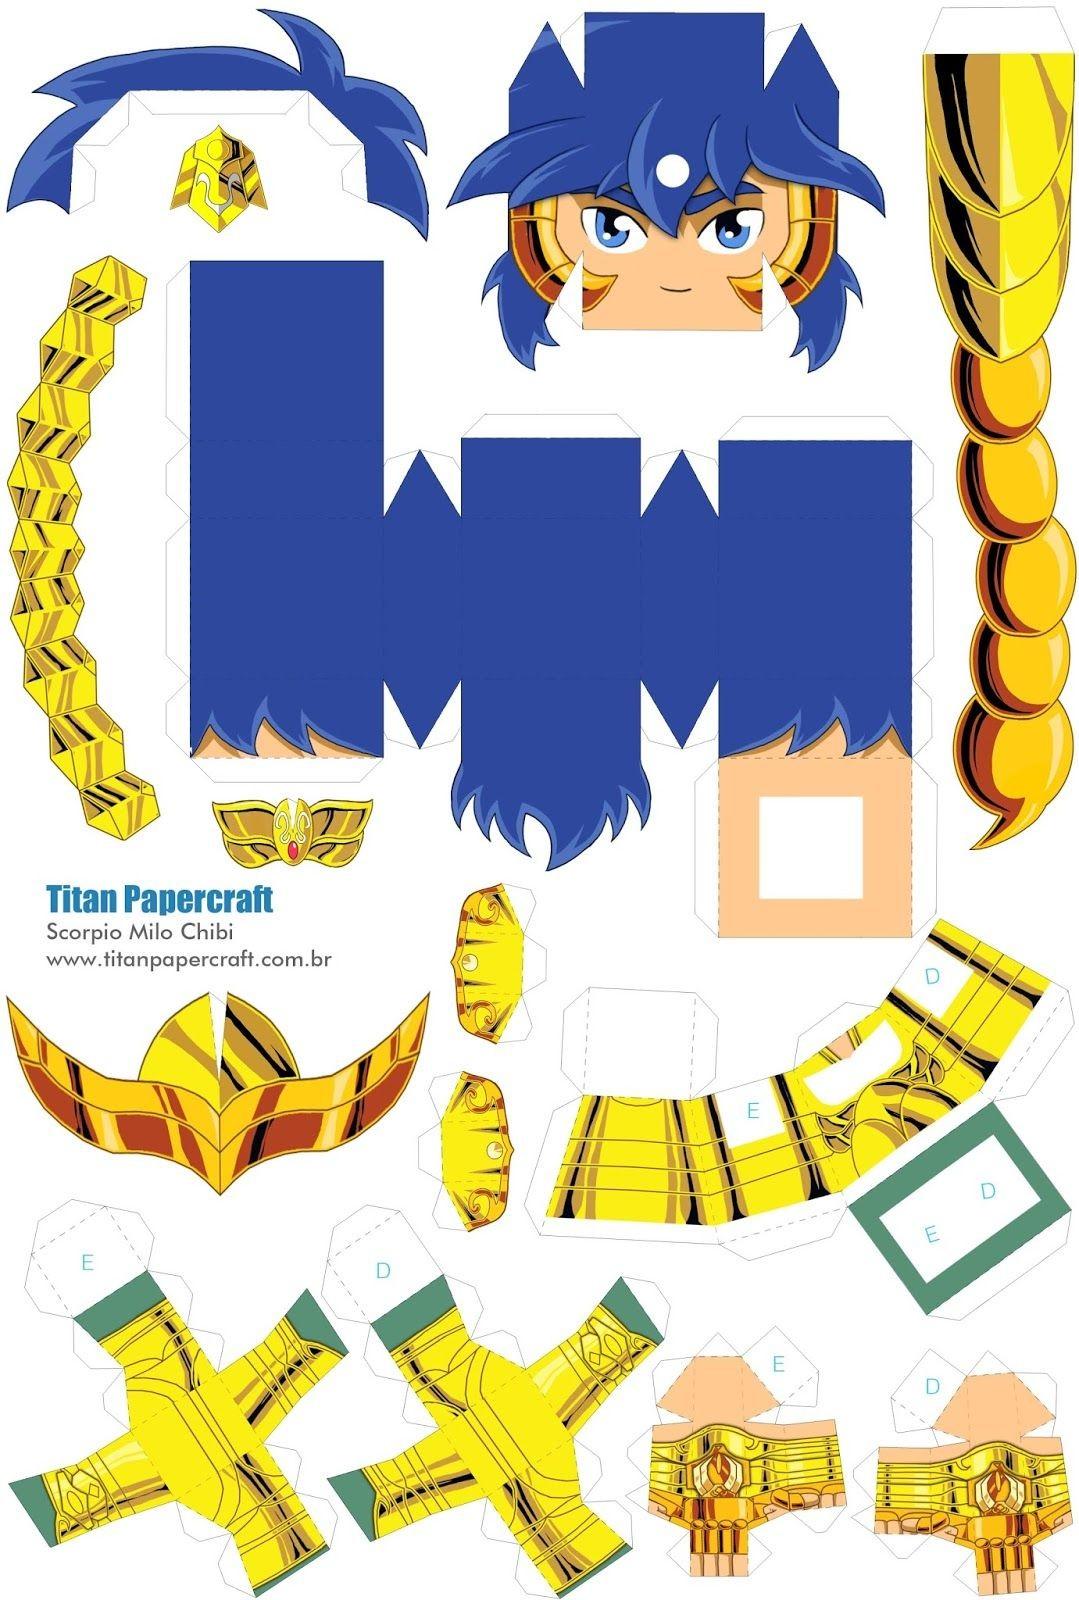 Charmander Papercraft Monte E Colecione Papercraft De Seus Personagens Preferidos